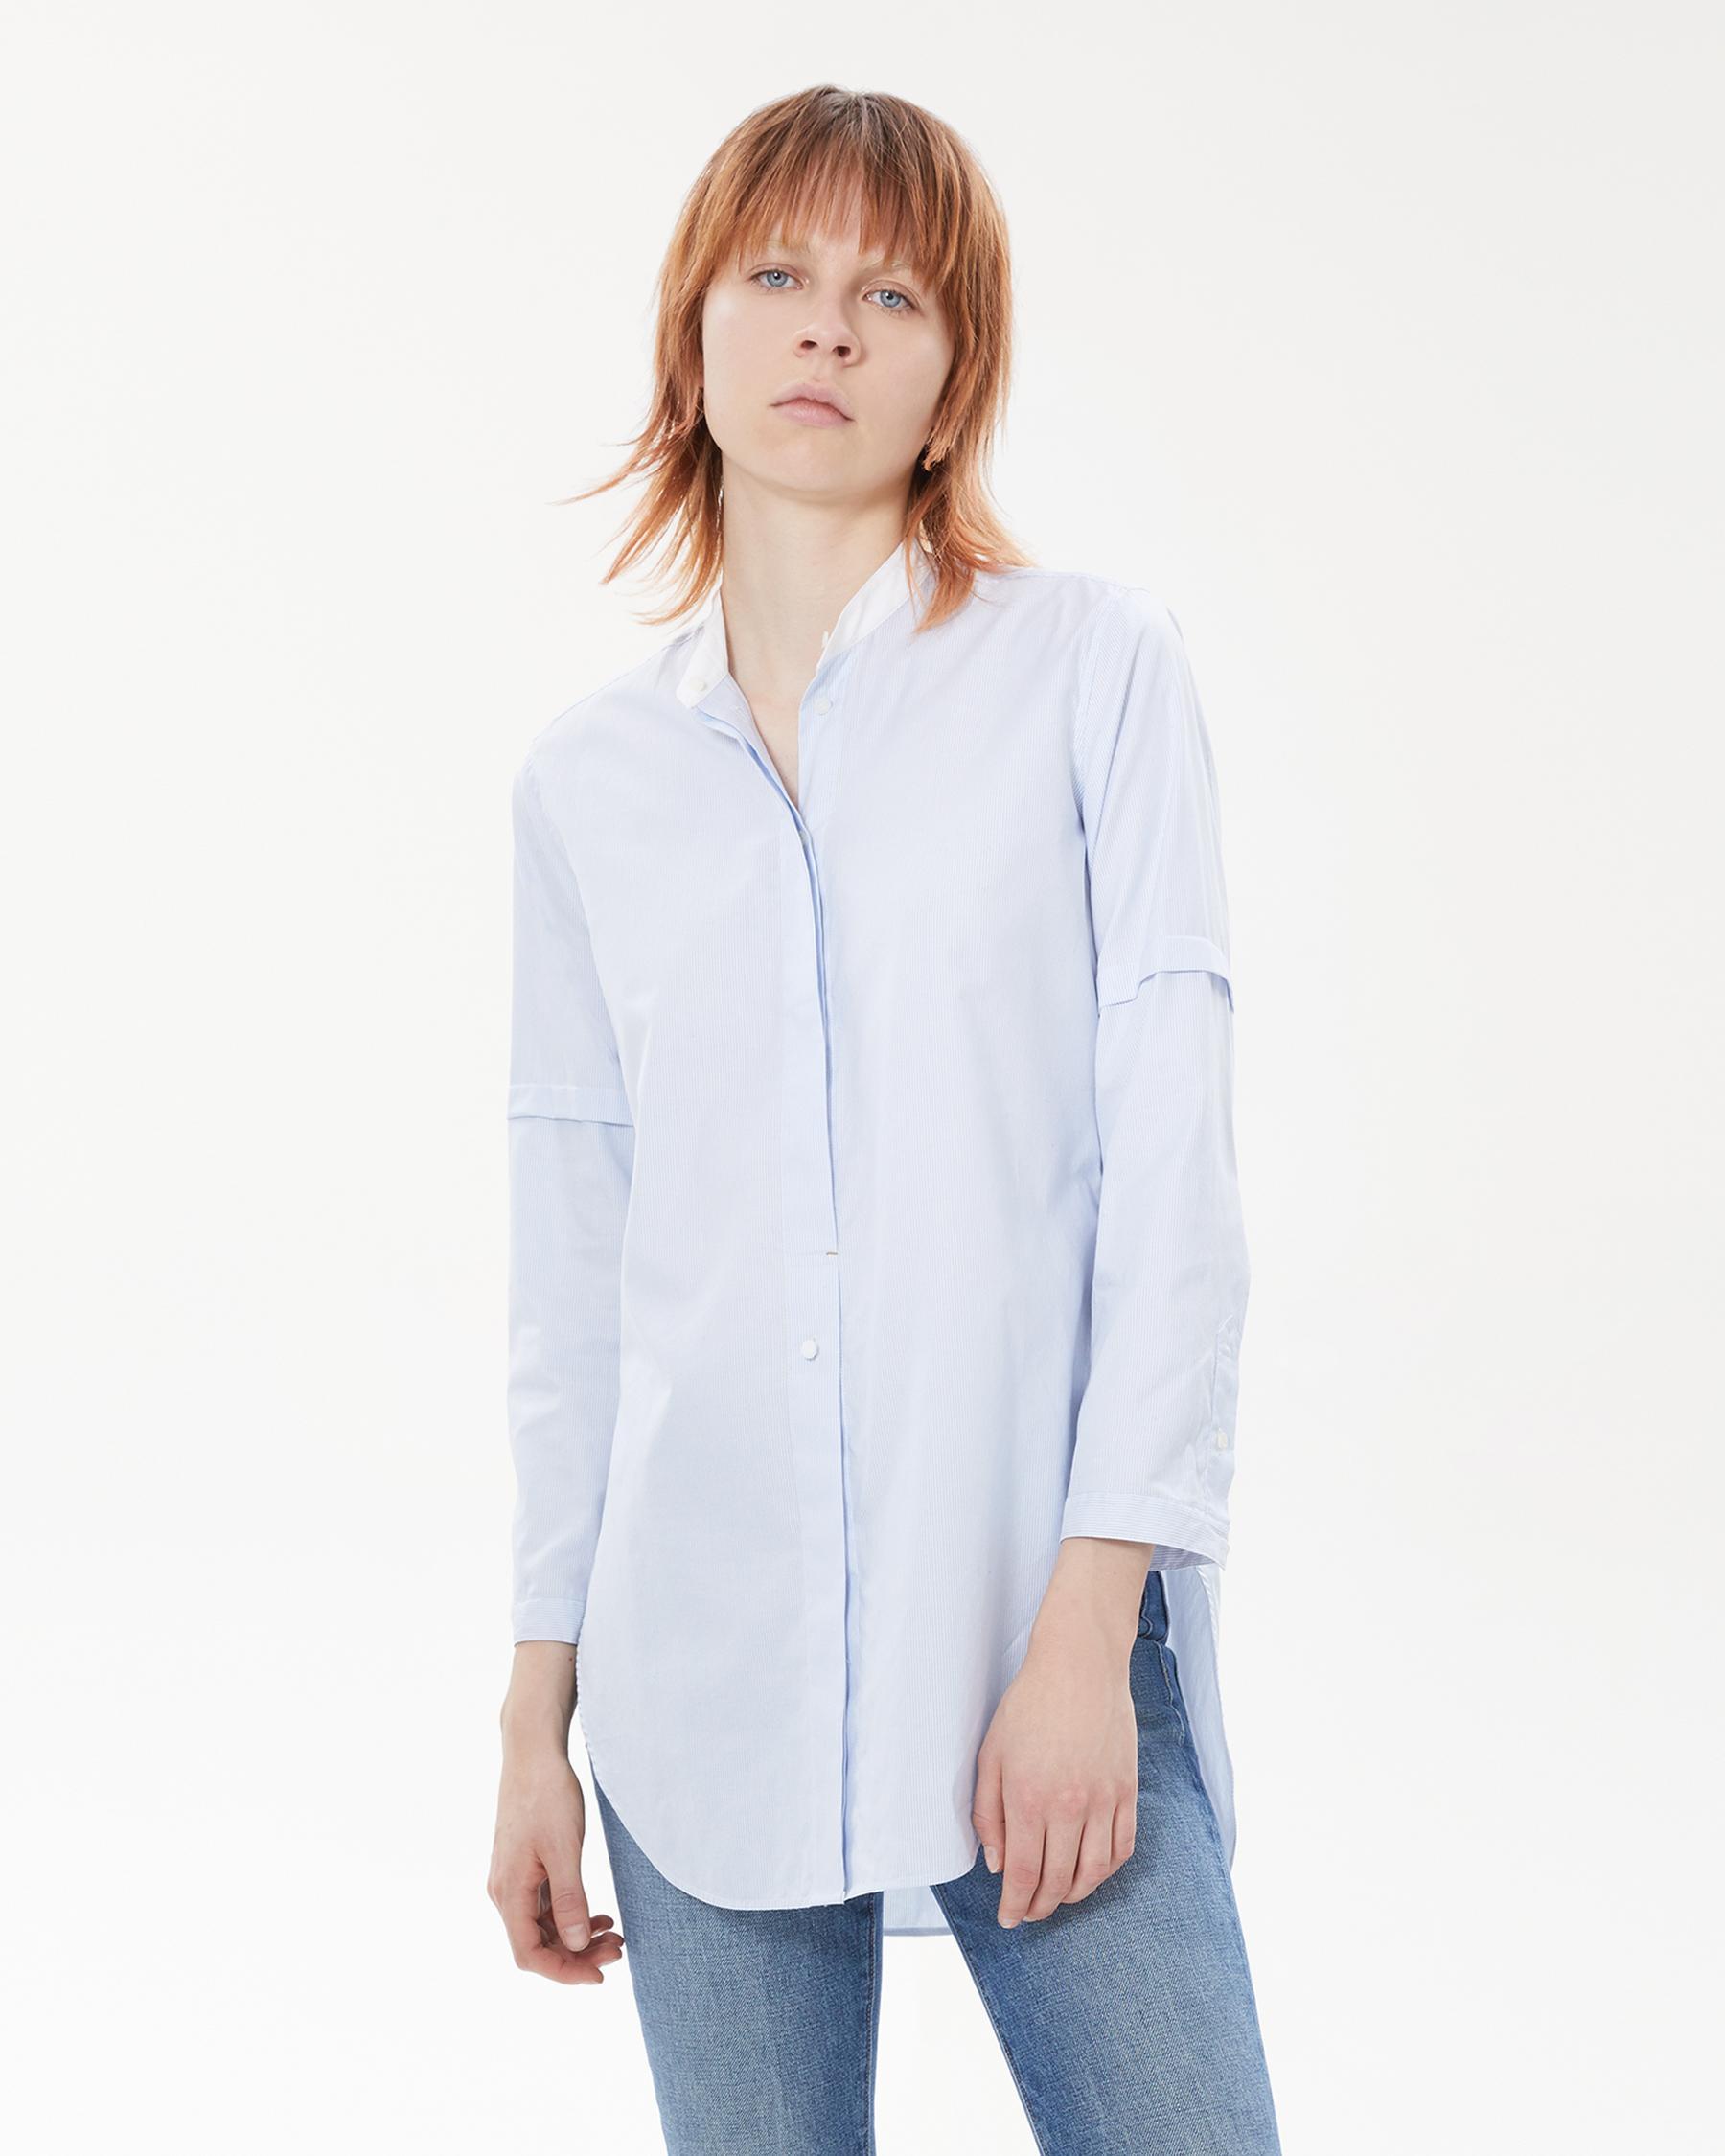 Helmut Lang 37 - Tuxedo Shirt - Blue